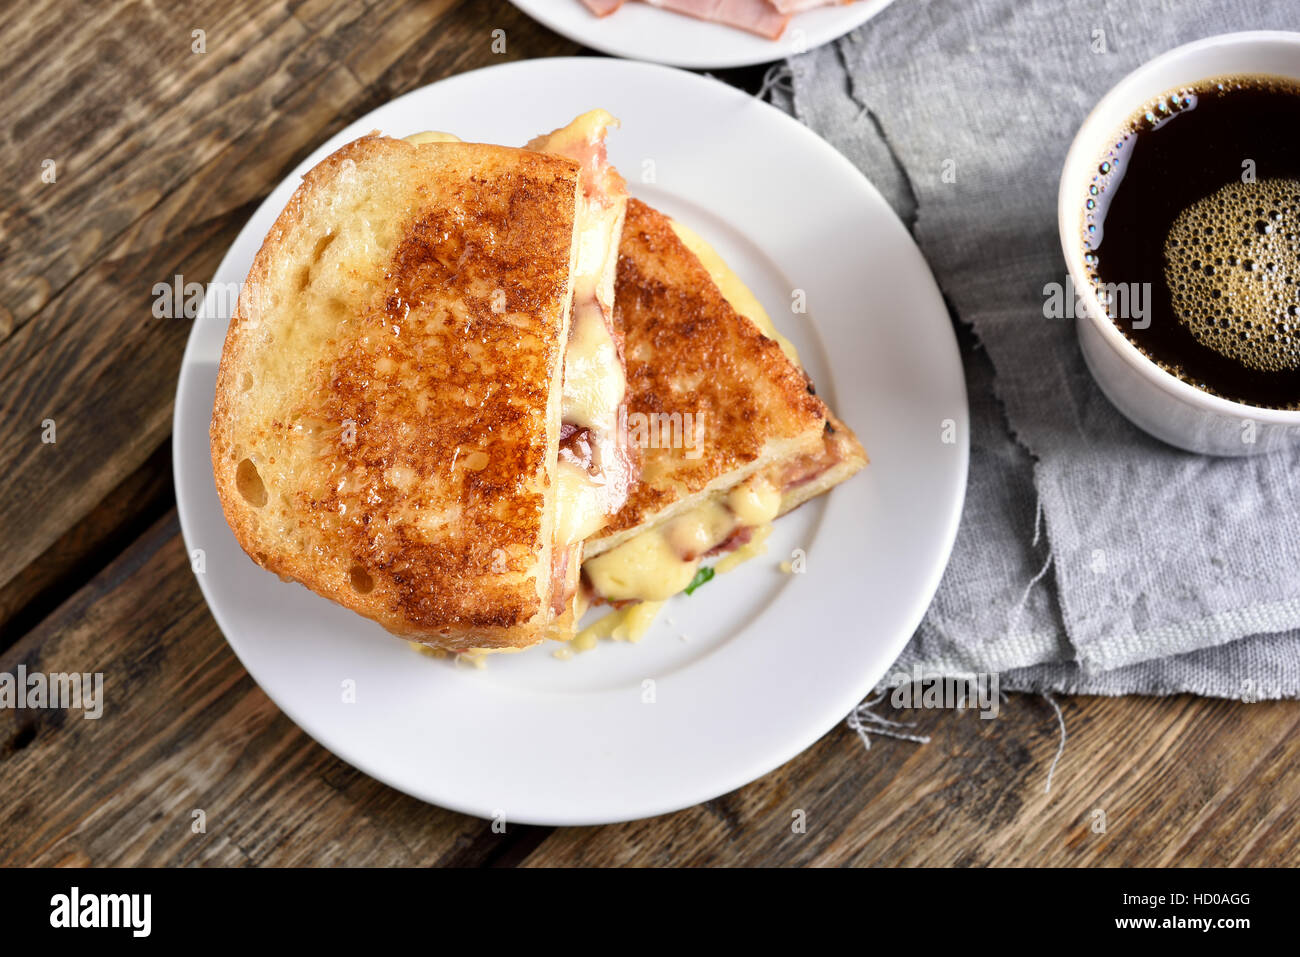 Le petit-déjeuner sandwich grillé au bacon et fromage, vue du dessus Photo Stock